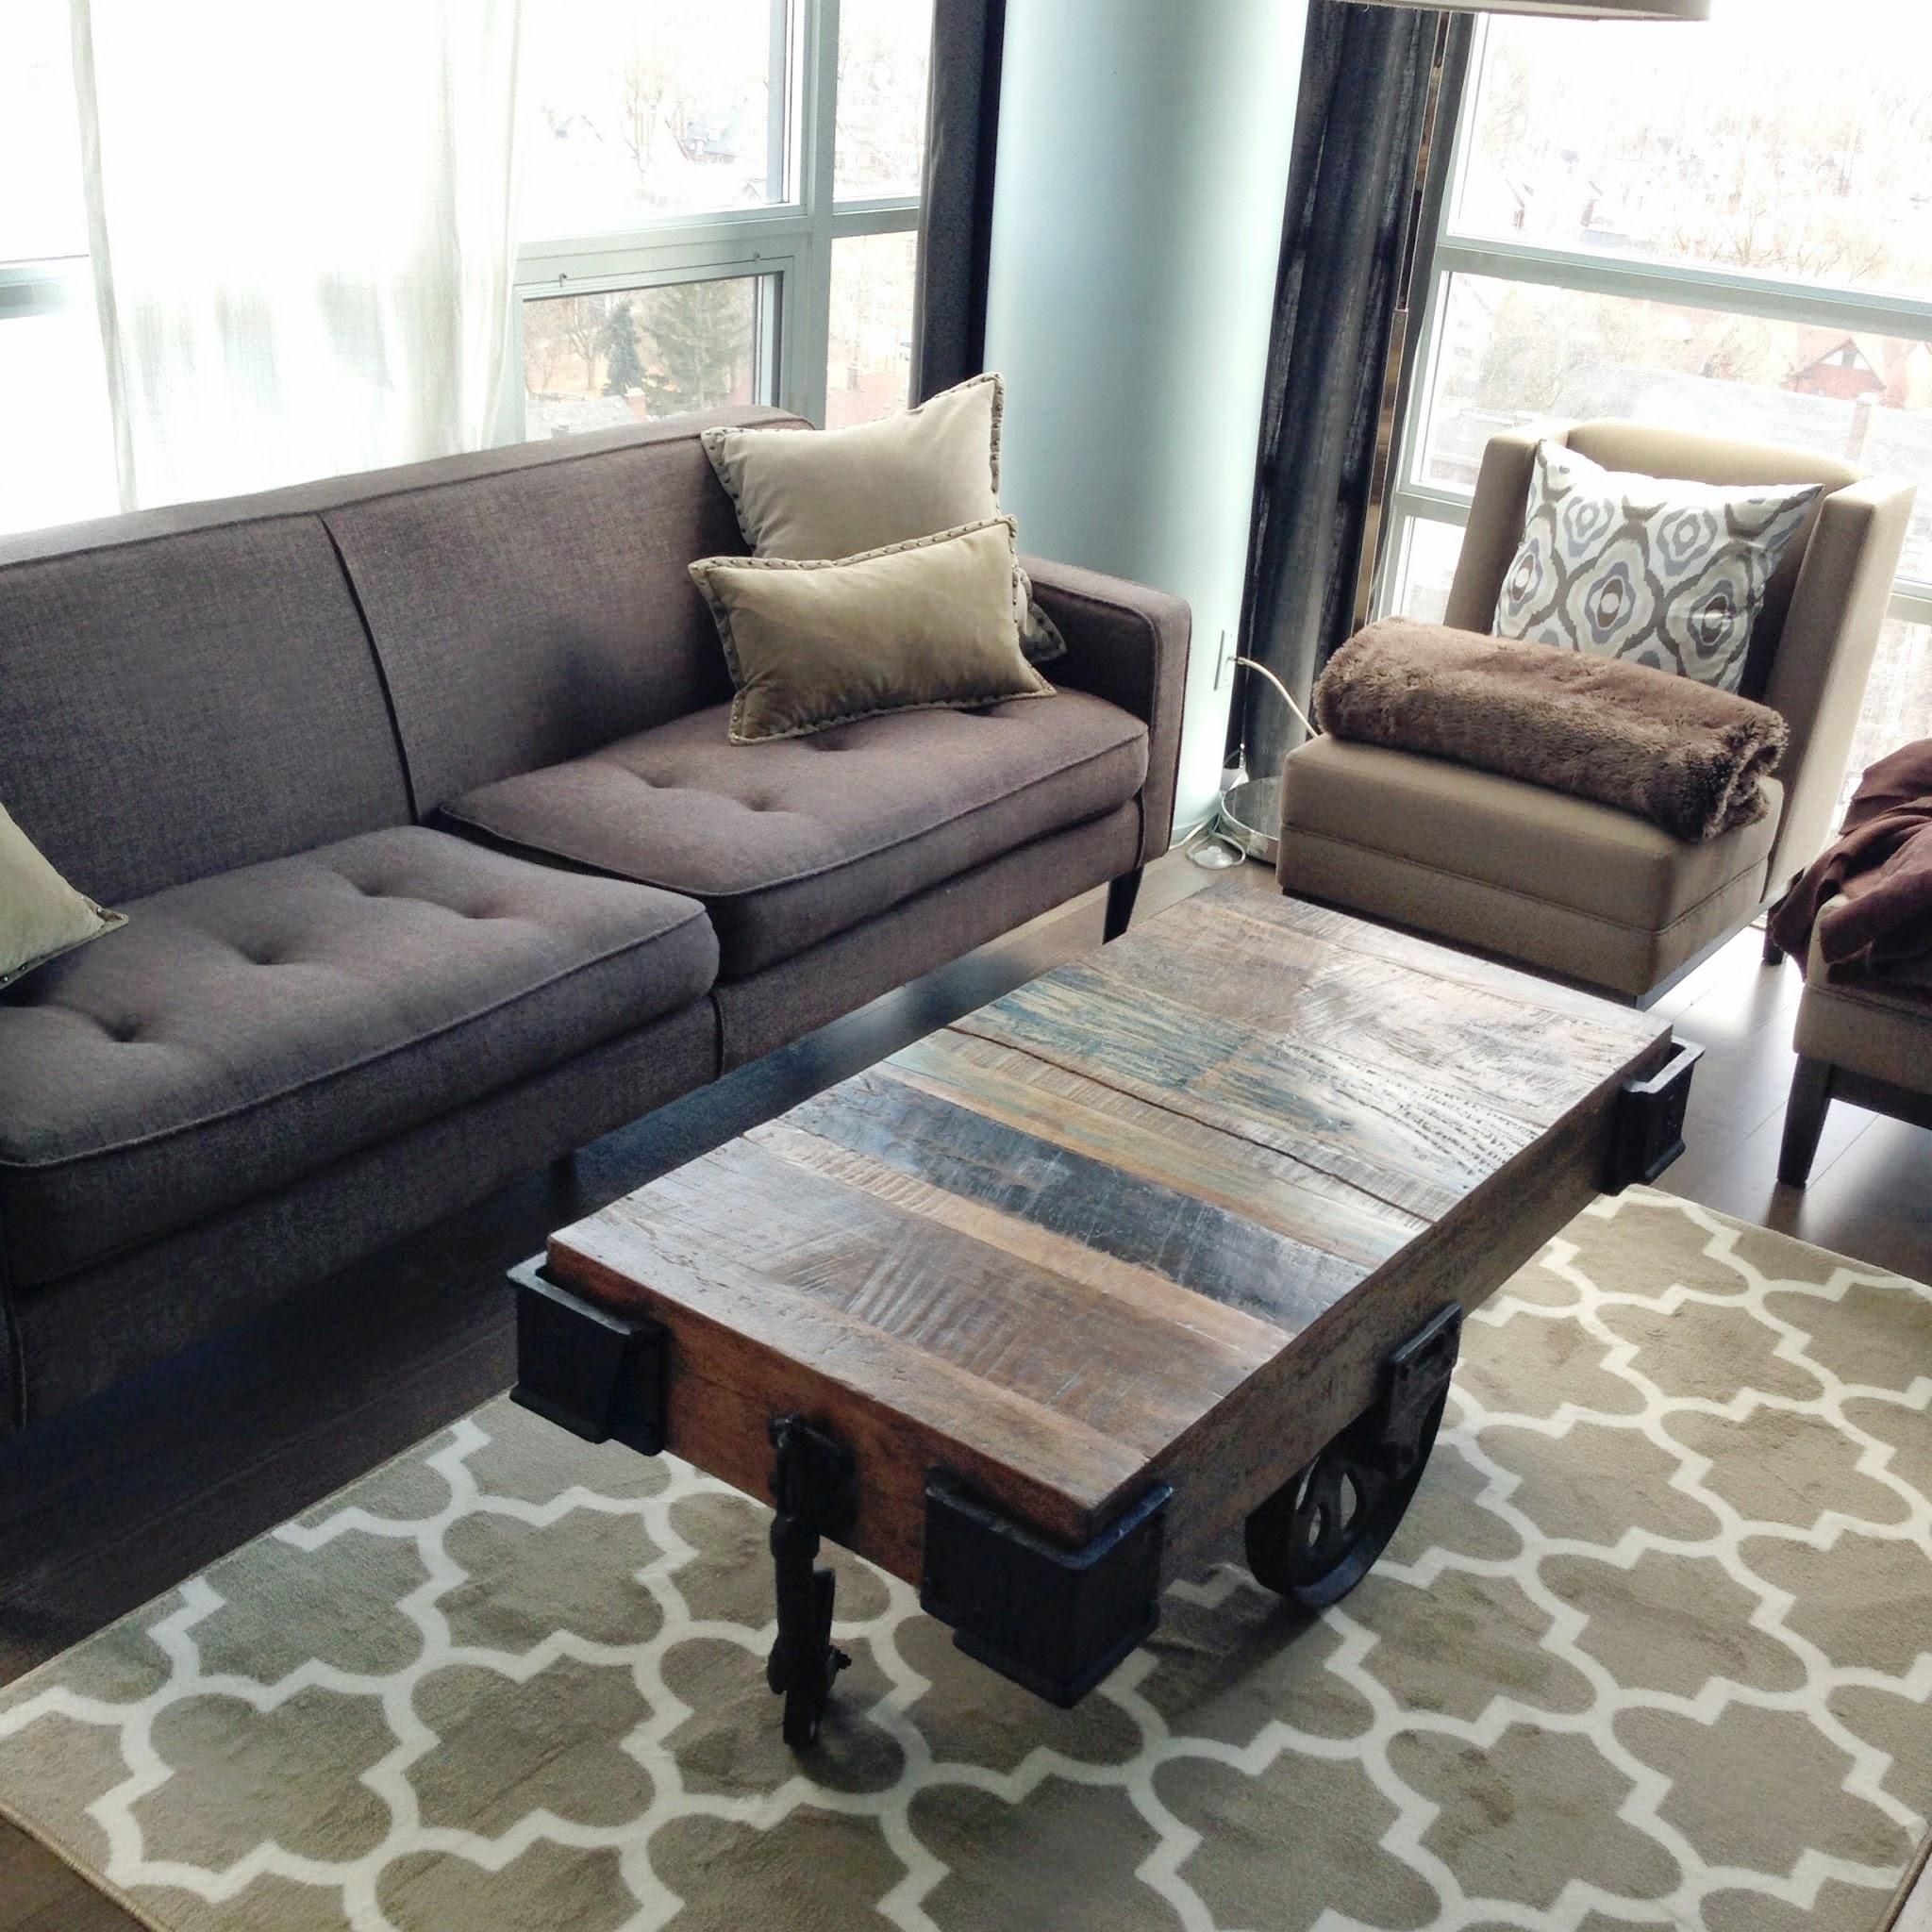 Little bits blogs best find target maples fretwork rug for Living room rugs target